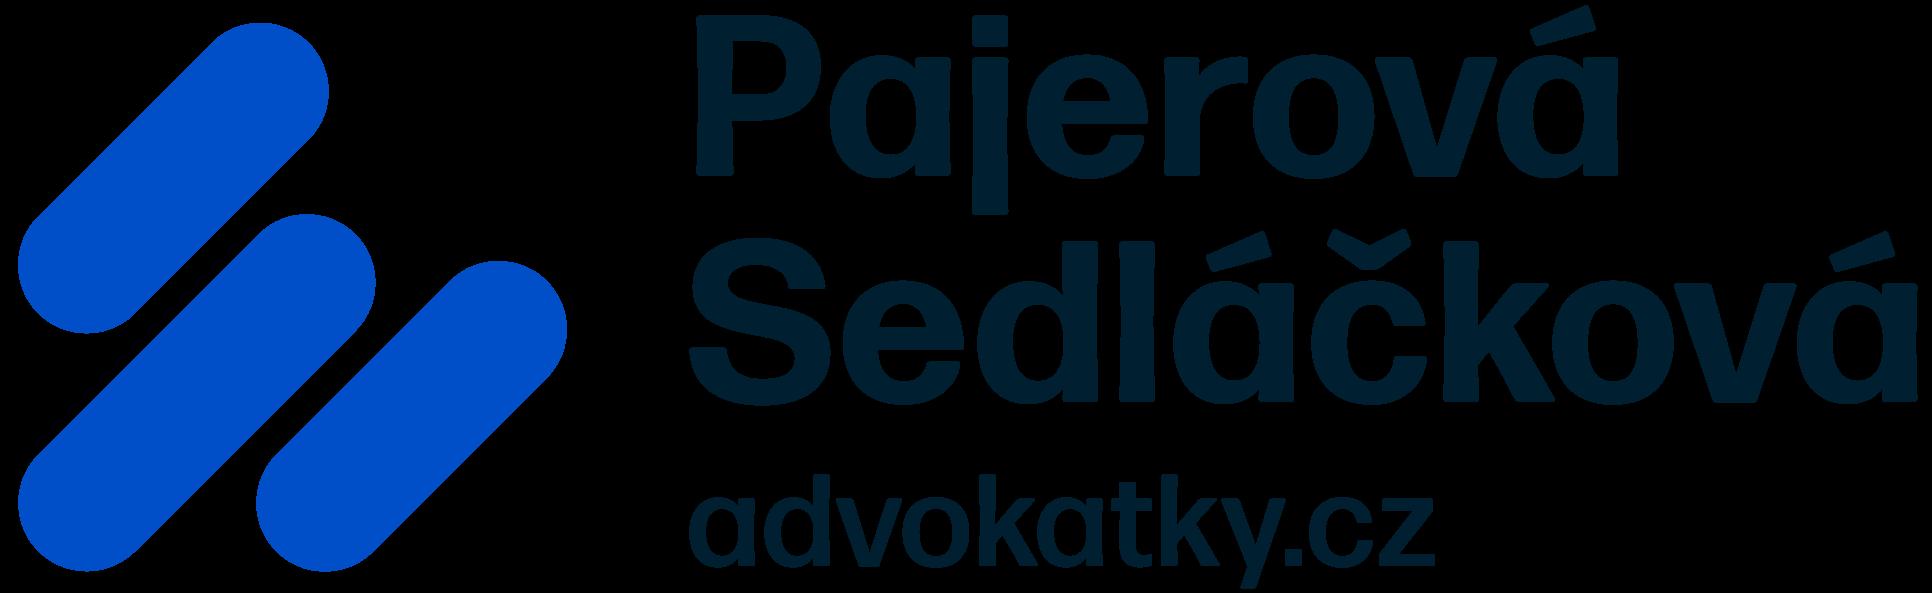 Pajerová Sedláčková ADVOKÁTKY s.r.o.